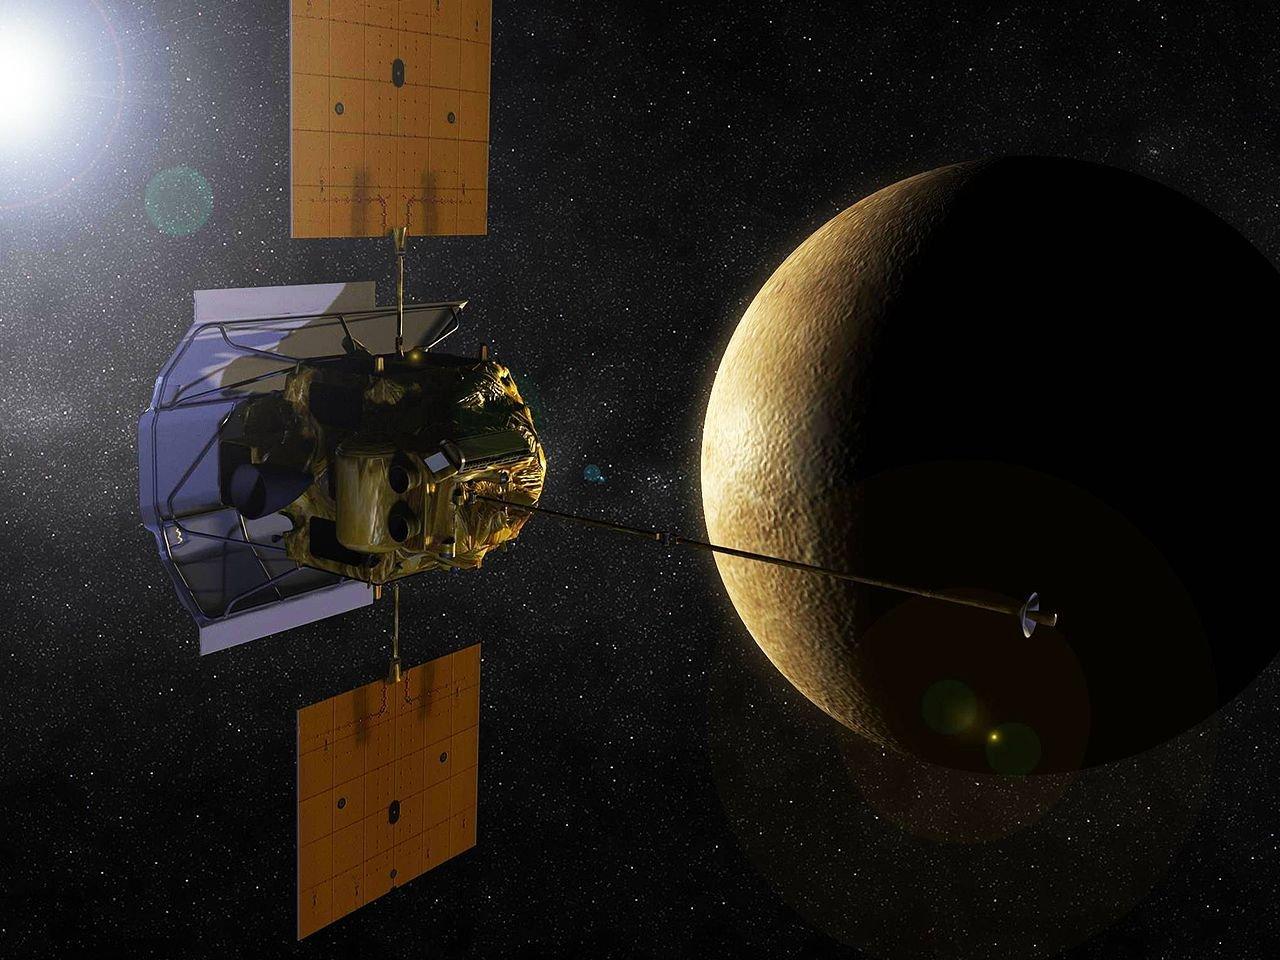 La sonda MESSENGER en la órbita de Mercurio, imagen ilustrativa